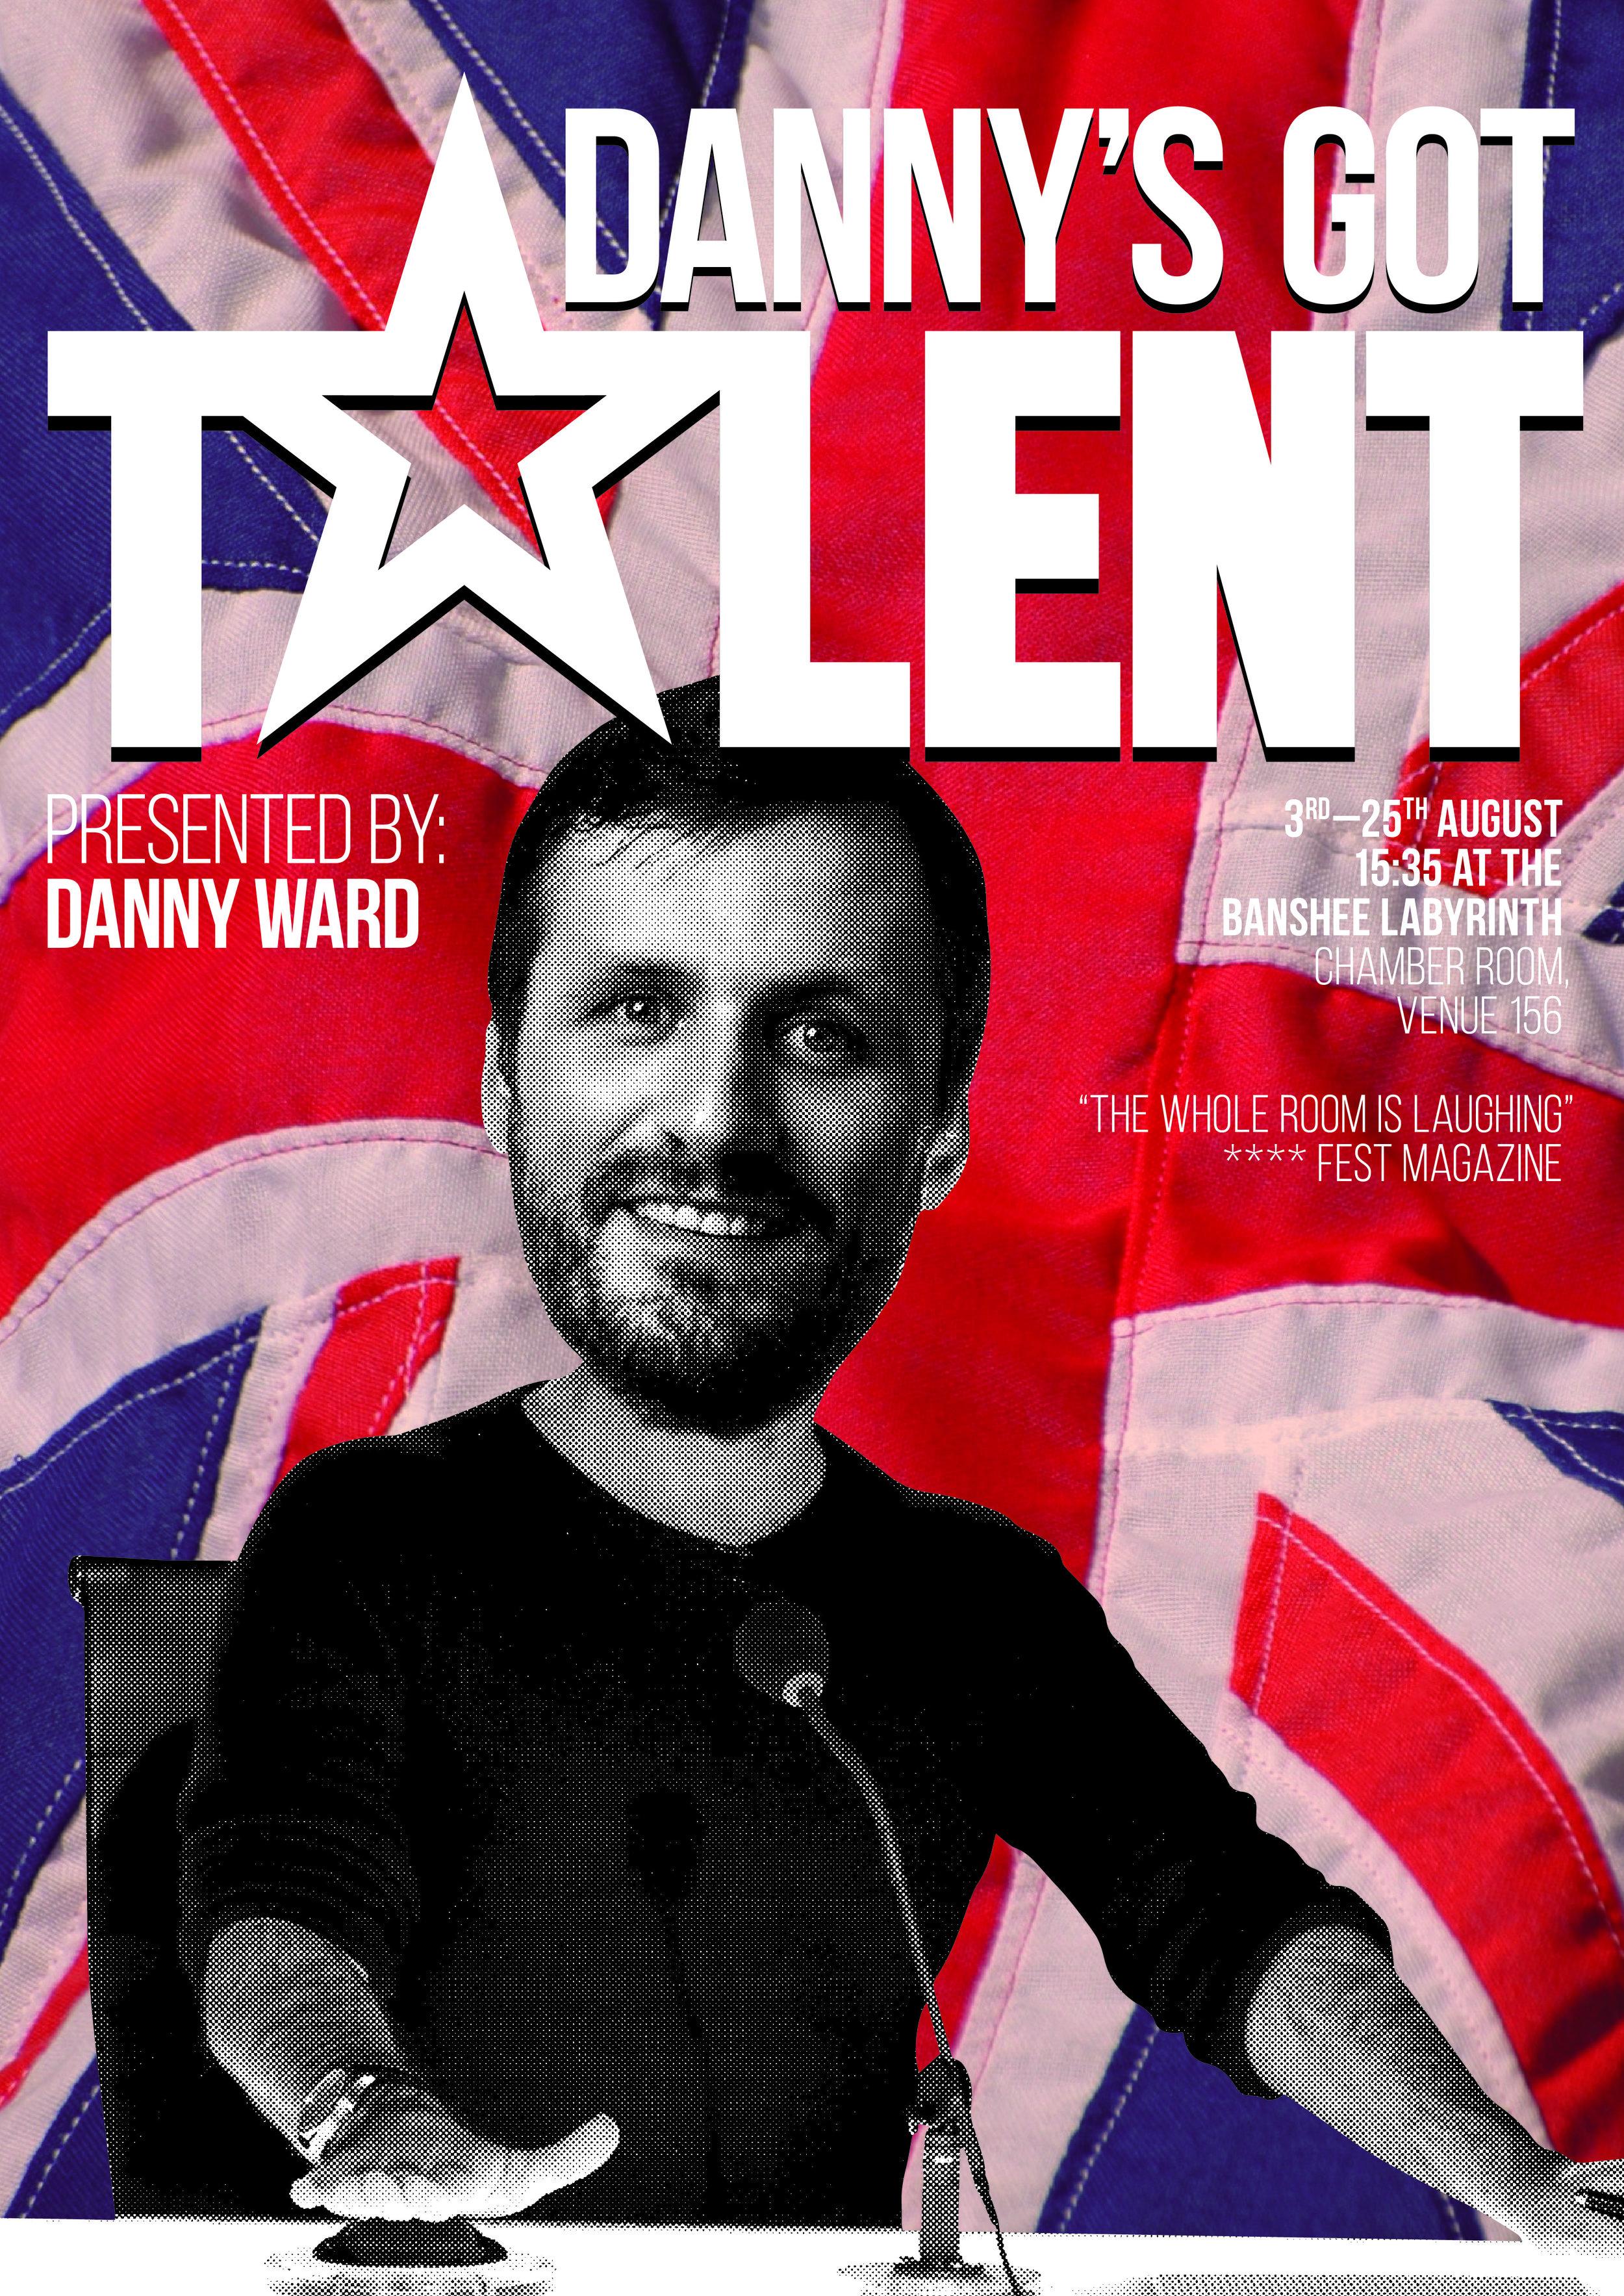 dannys got jokes poster-06.jpg